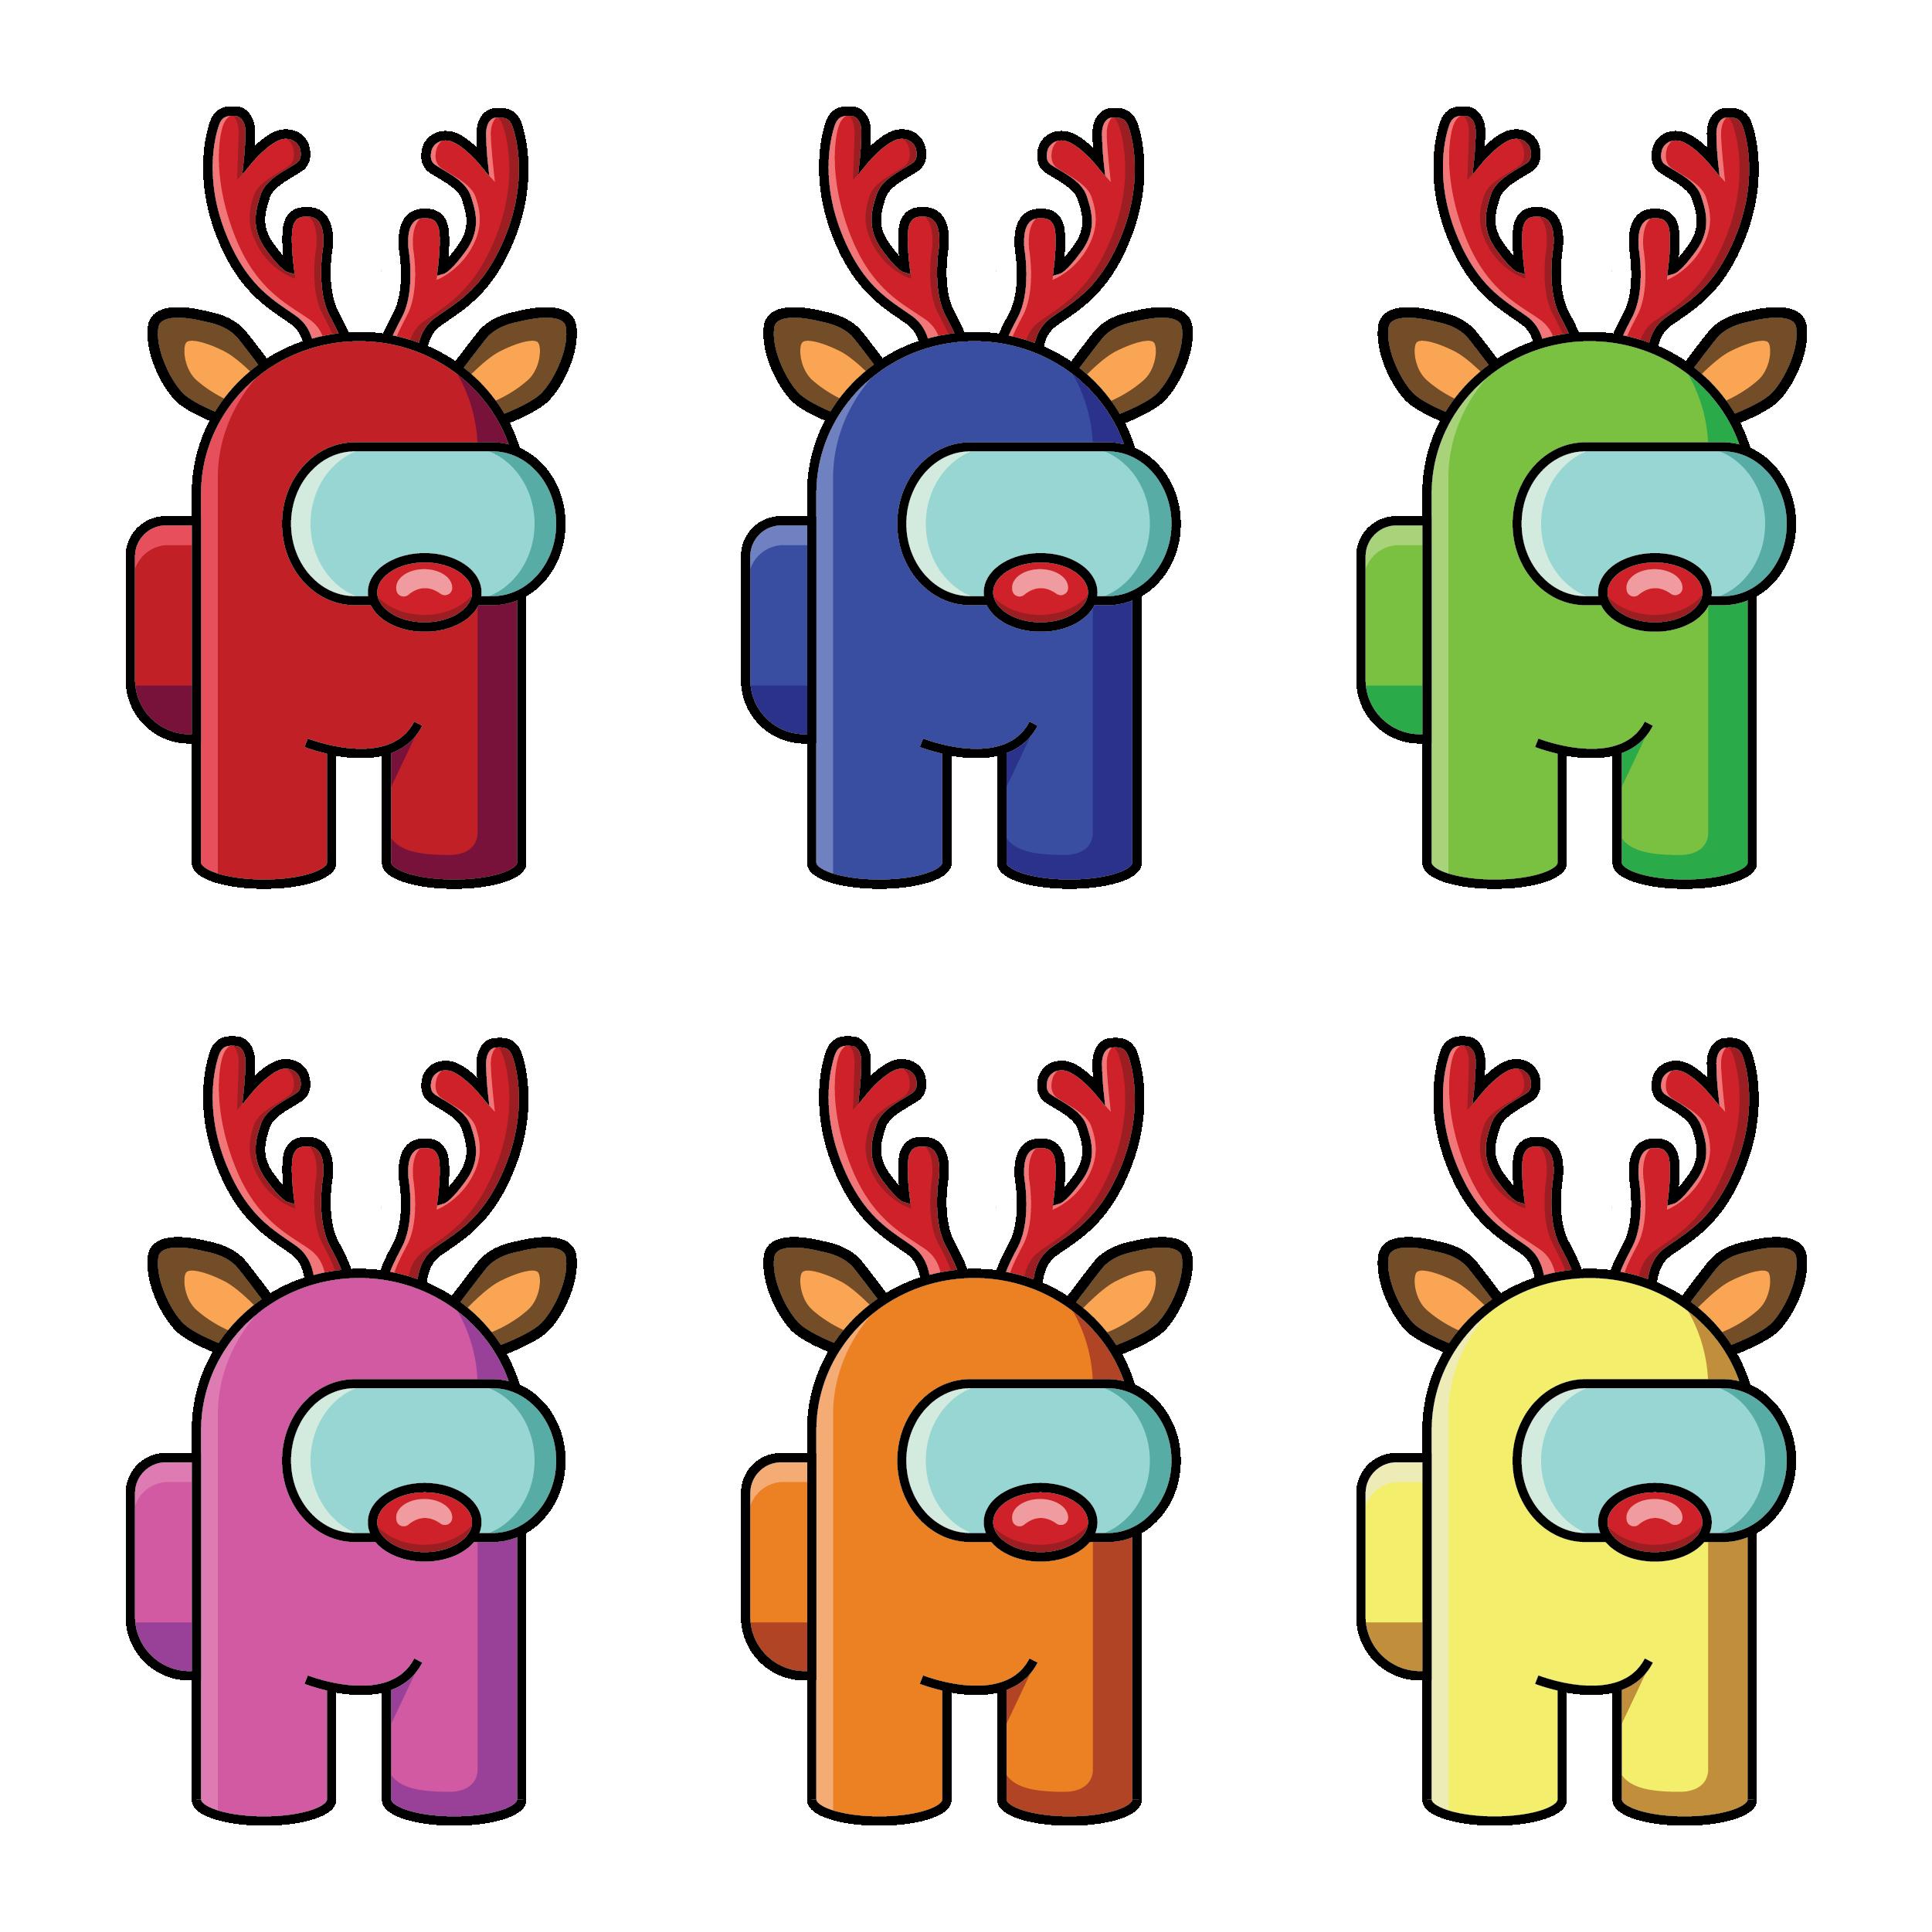 70 Among Us Christmas Edition Pack Png Format Among Us Characters Clipart Among Us Merry Christmas Bundle Among Us Christmas Tree Reindeer Drawing Cute Christmas Wallpaper Christmas Drawing